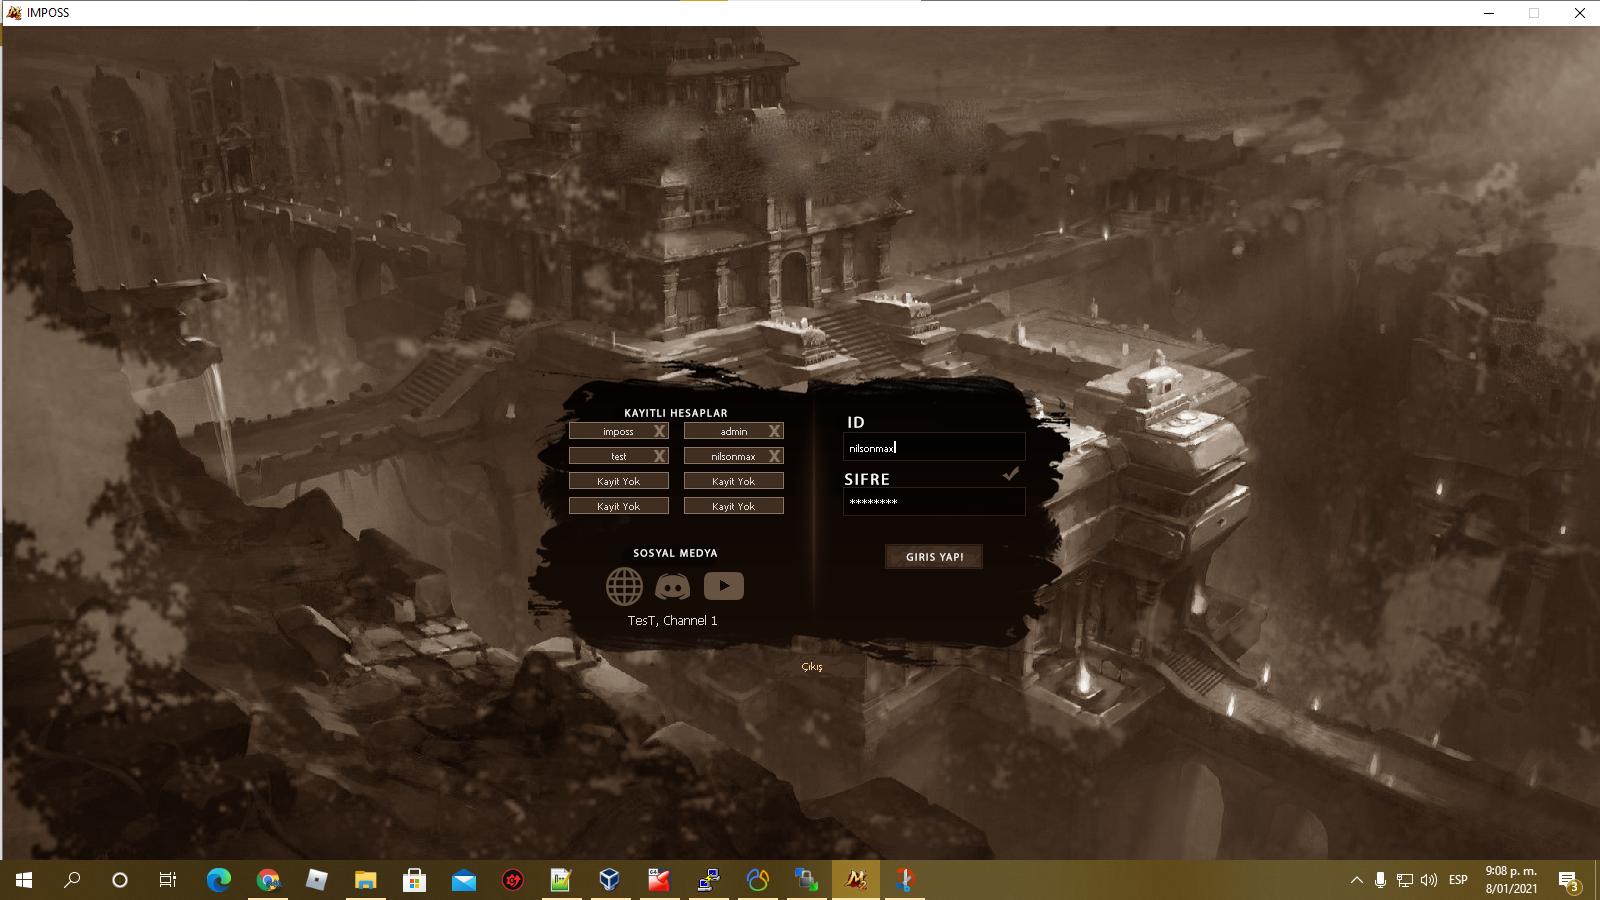 pantalla+de+inicio+metin2+artemisa+progr